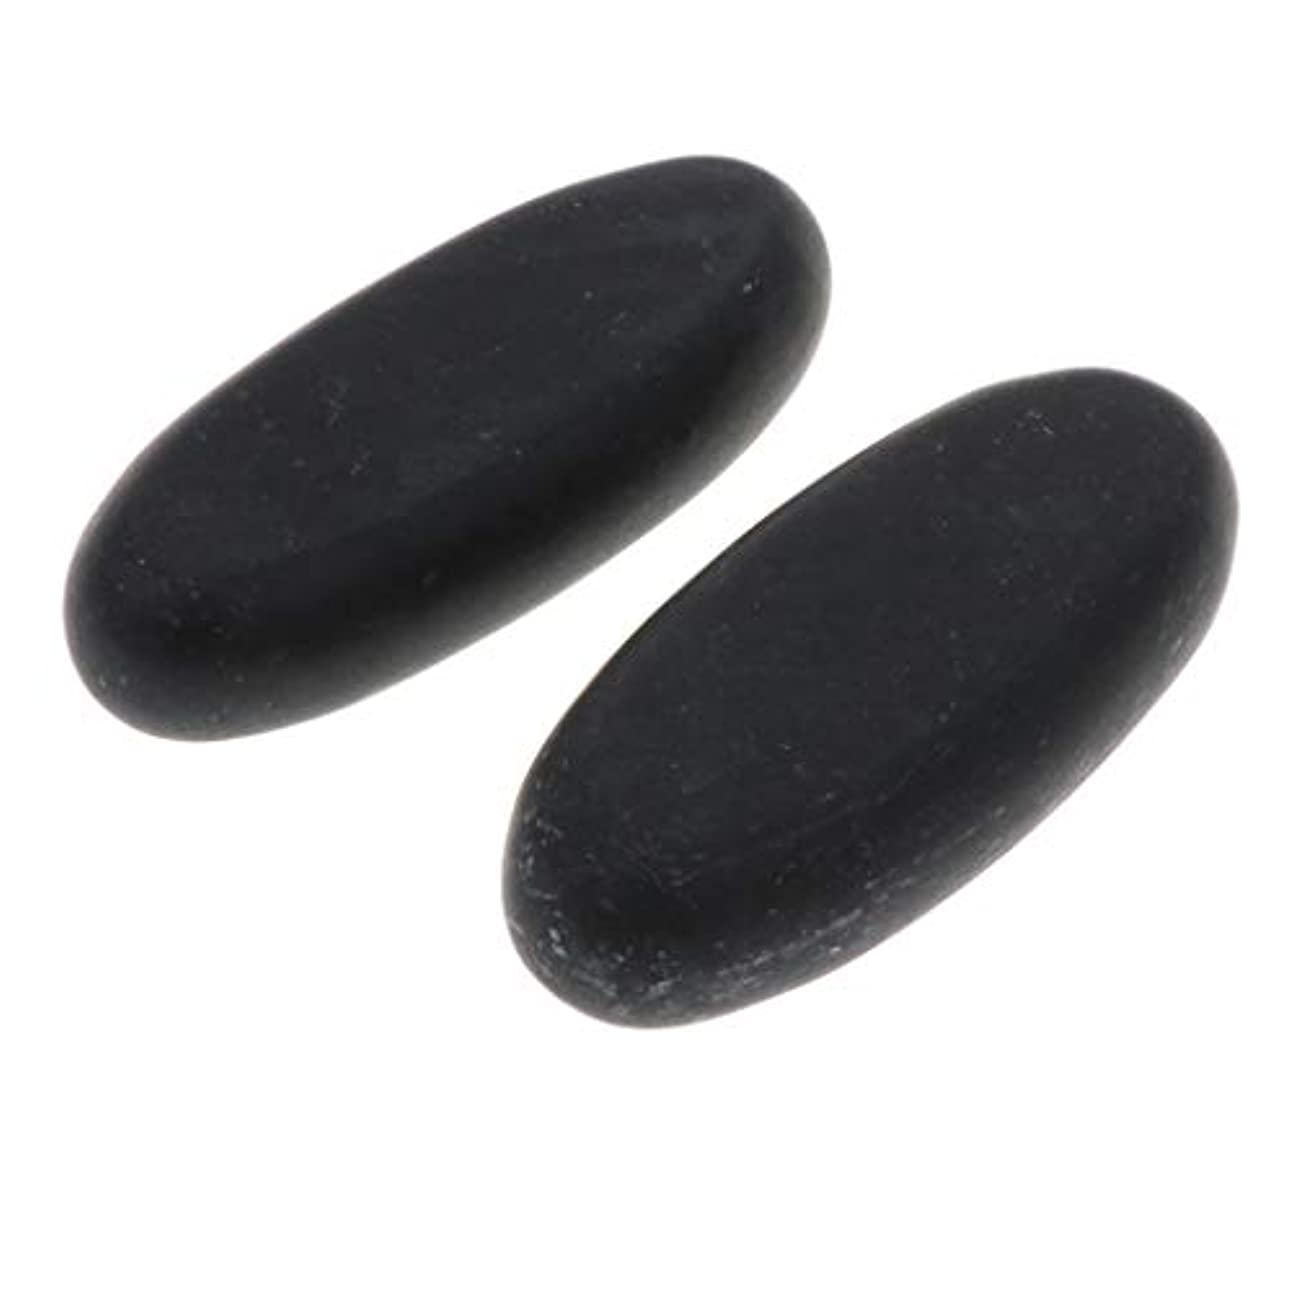 リマ矢製品D DOLITY マッサージ石 マッサージストーン 玄武岩 ボディマッサージ ツボ押し リラクゼーション 全2サイズ - 8×3.2×1.5cm